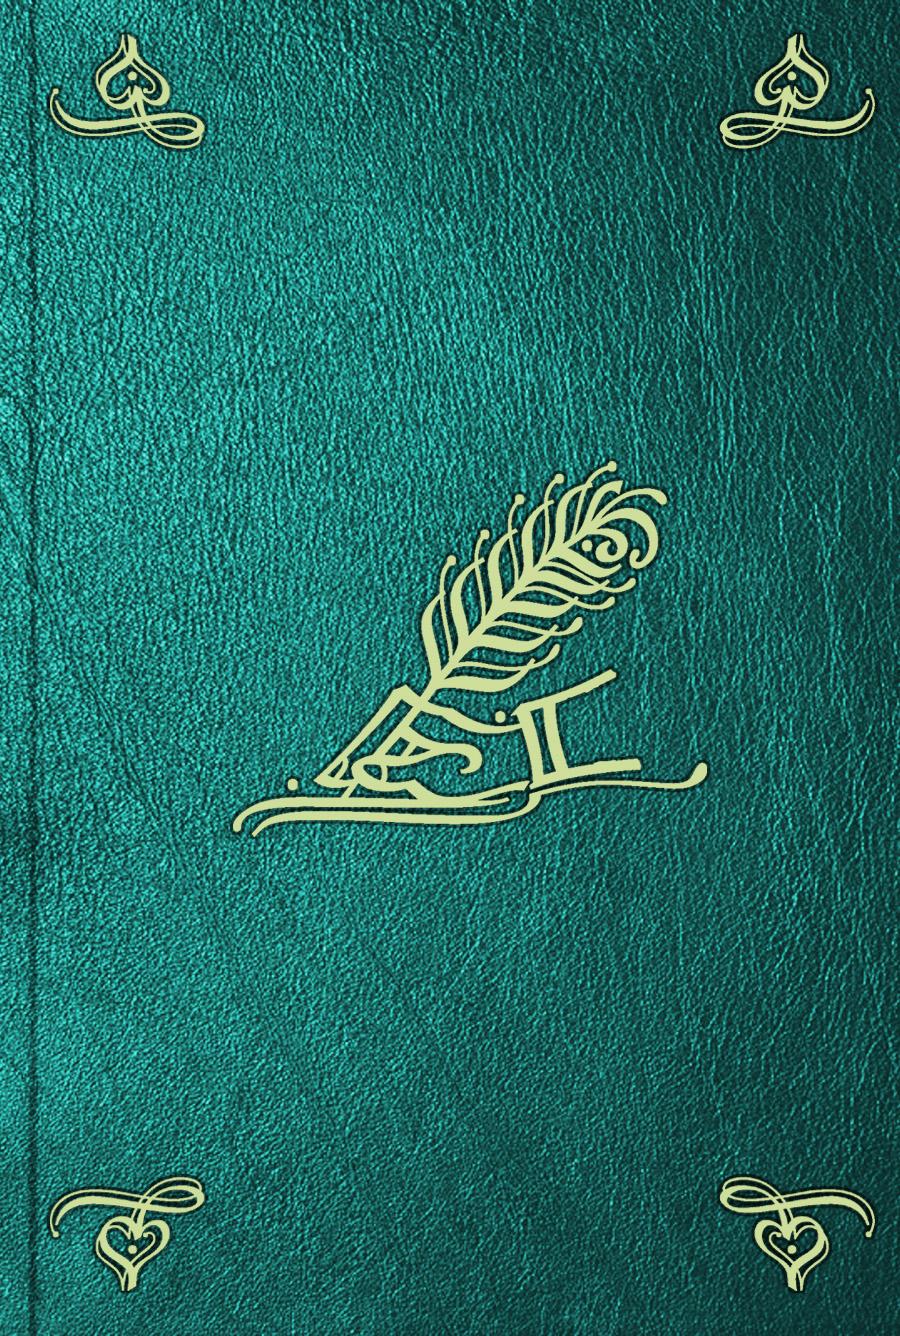 Comte de Buffon Georges Louis Leclerc Histoire naturelle. T. 10. Quadrupedes отсутствует histoire de maurice comte de saxe t 3